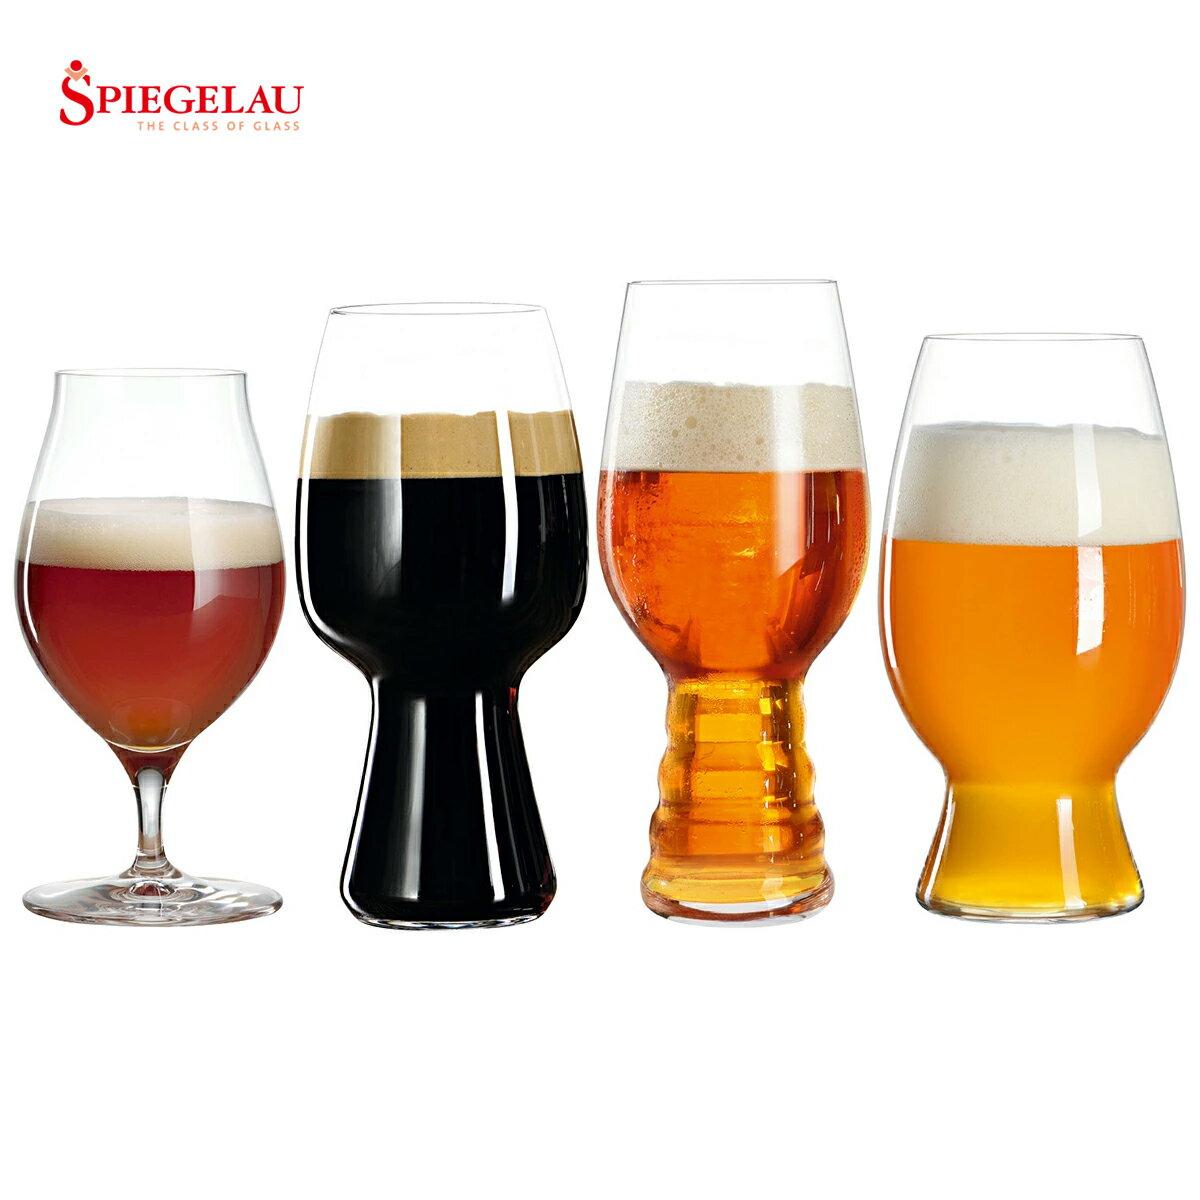 シュピゲラウSpiegelau クラフトビールグラス クラフトビールテイスティングキット 4991697の写真